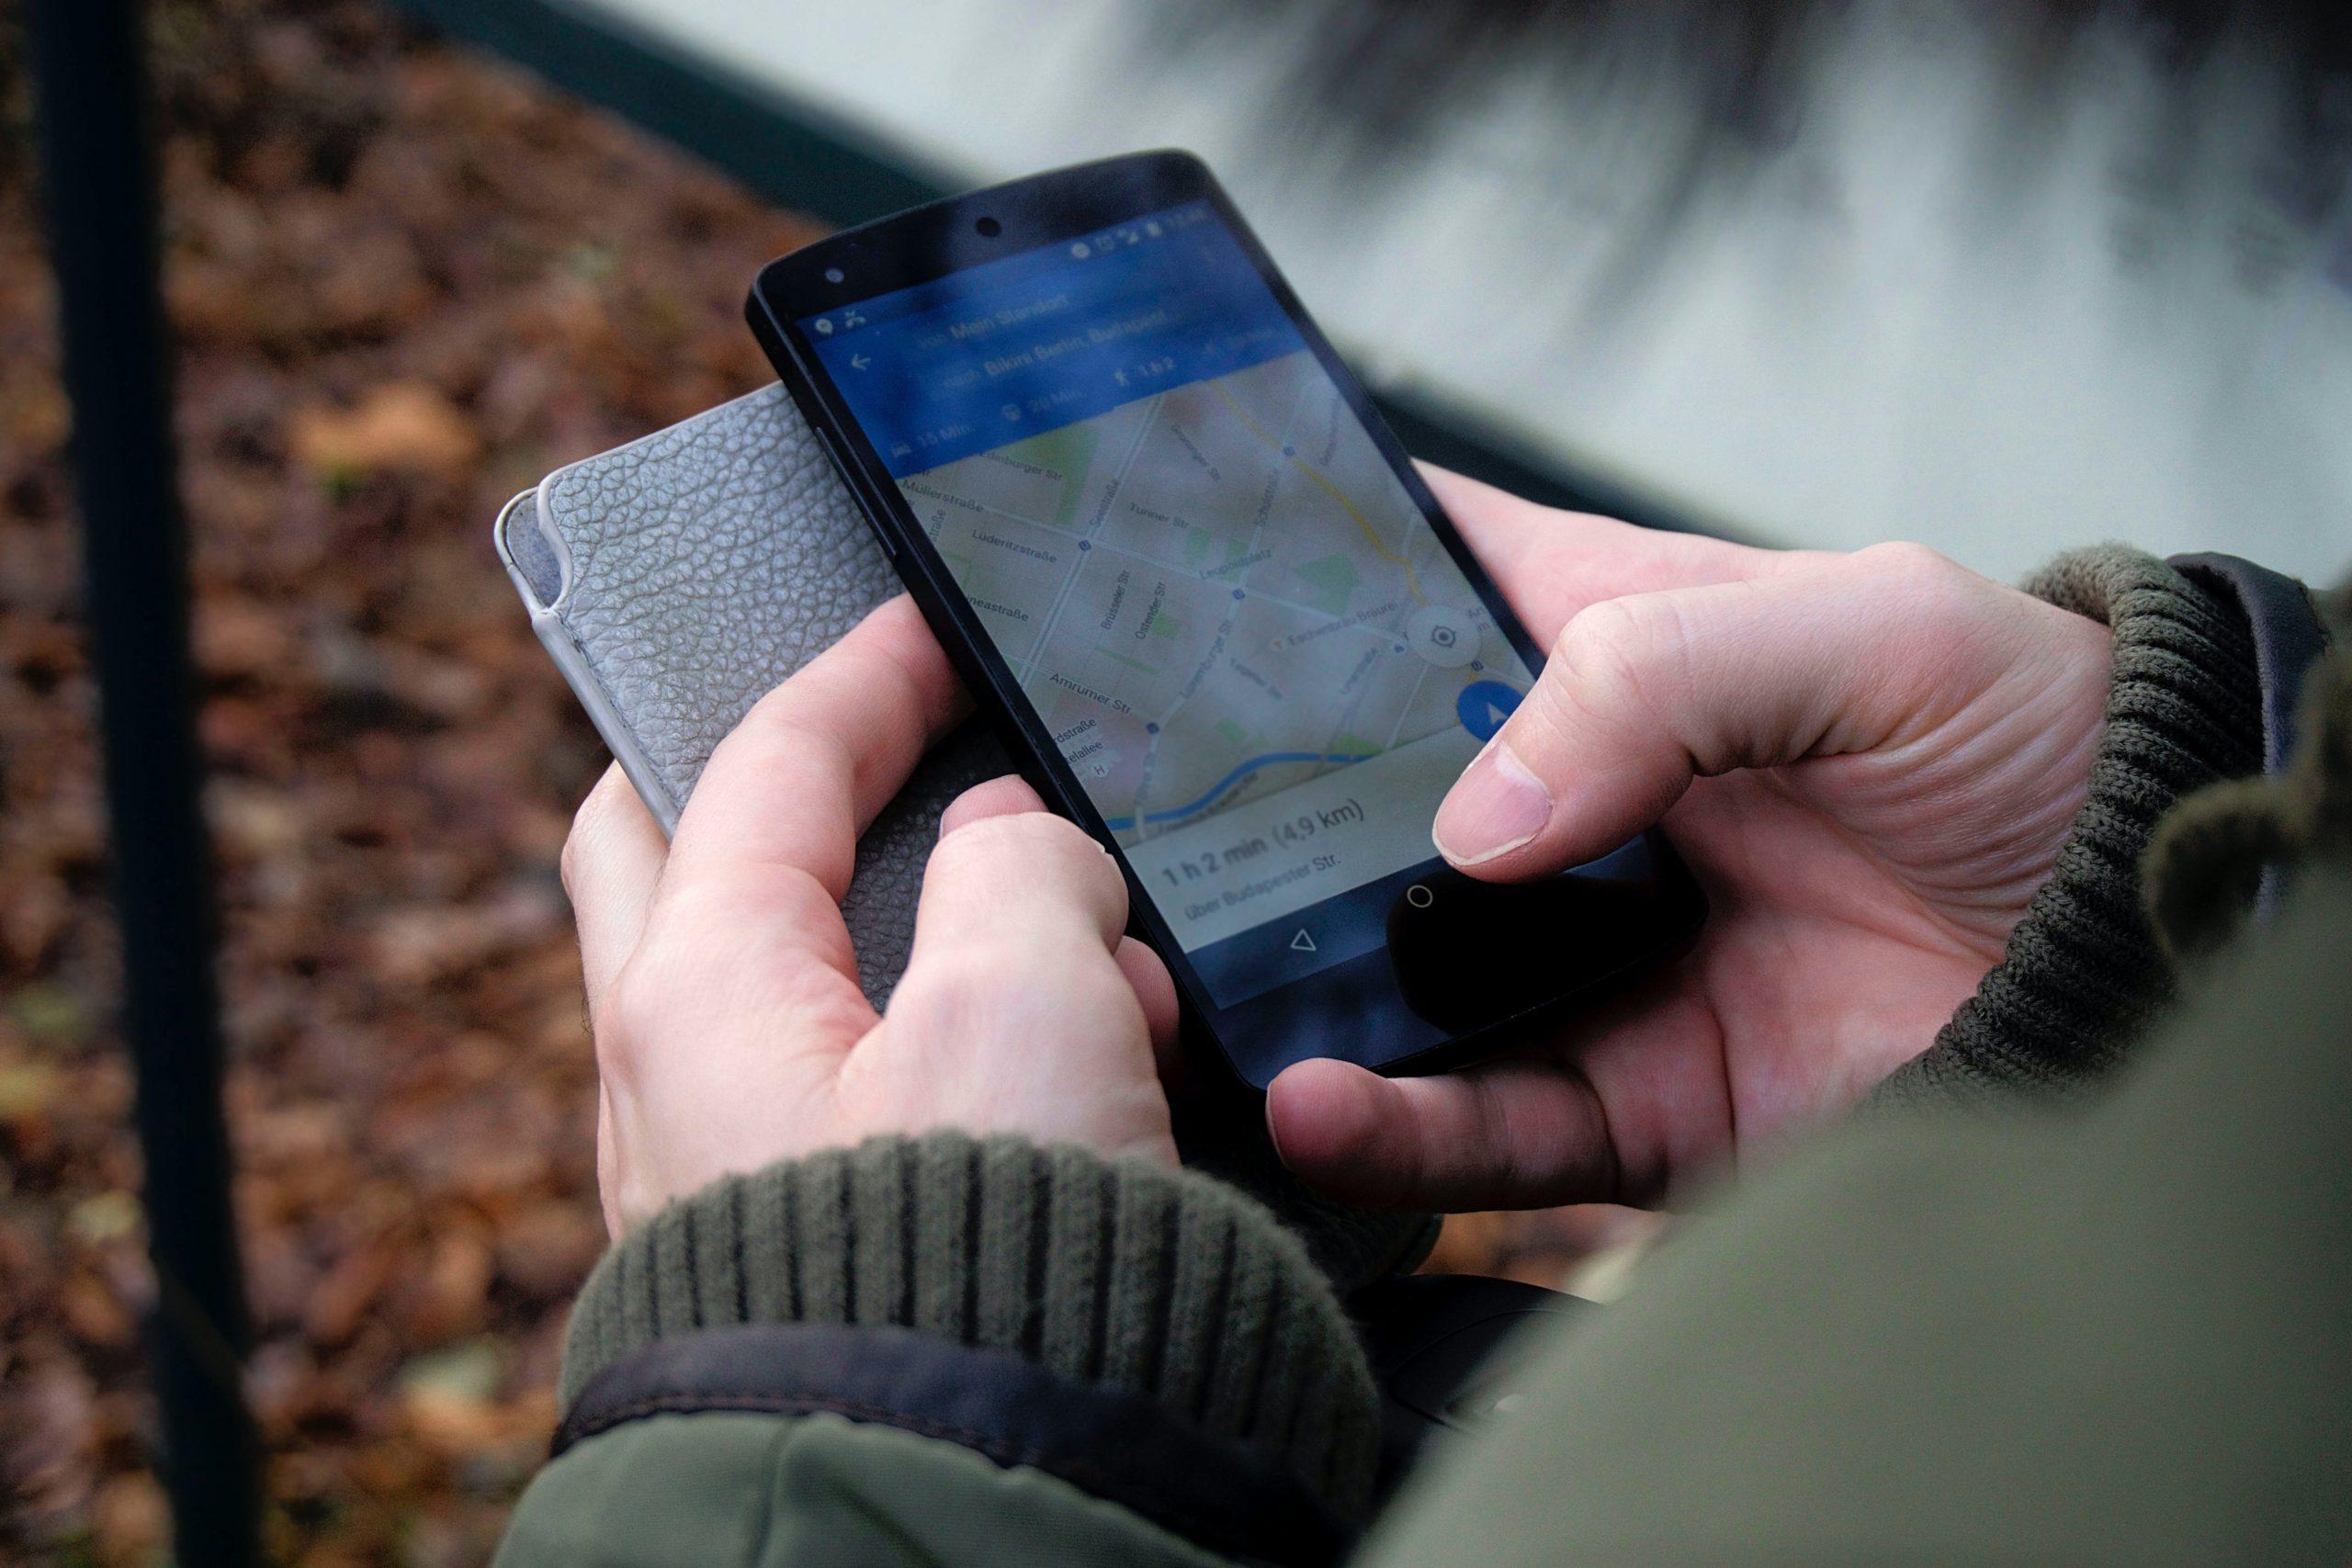 Haritalarda Adresi Tam Olarak Doğru Bildirmek ve Önemi